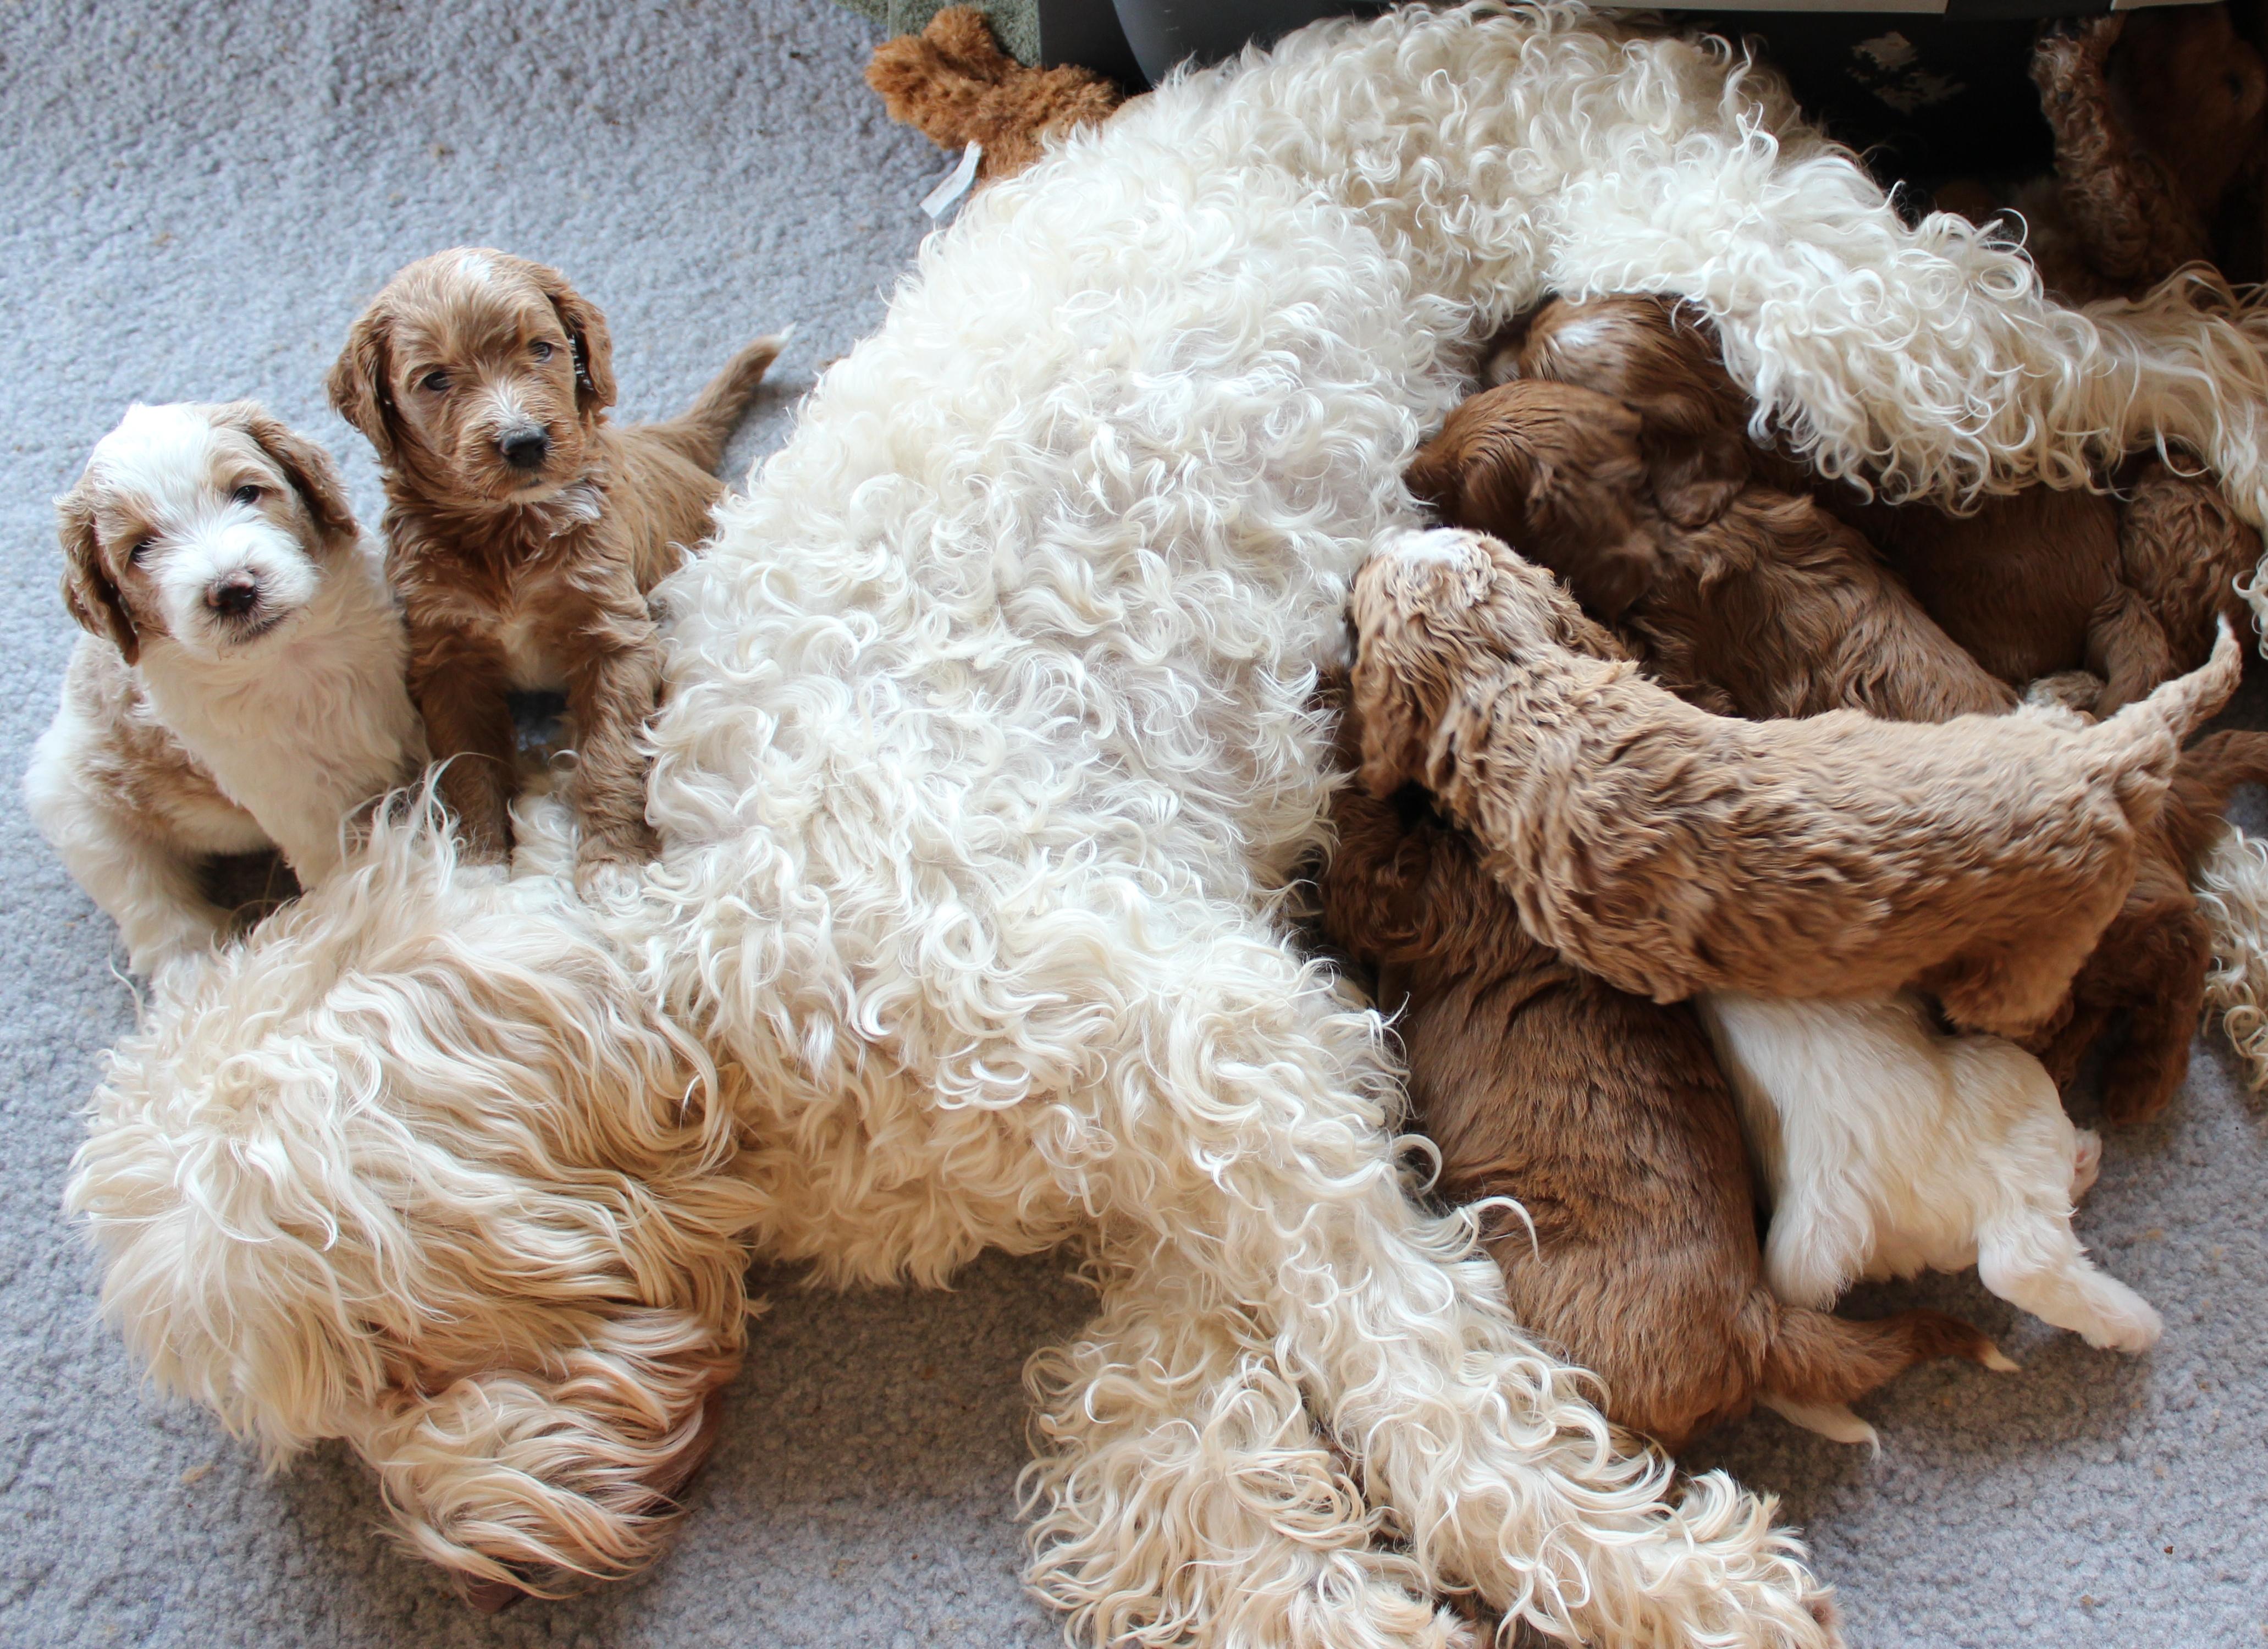 Sadie is in Jazzys puppy bin again